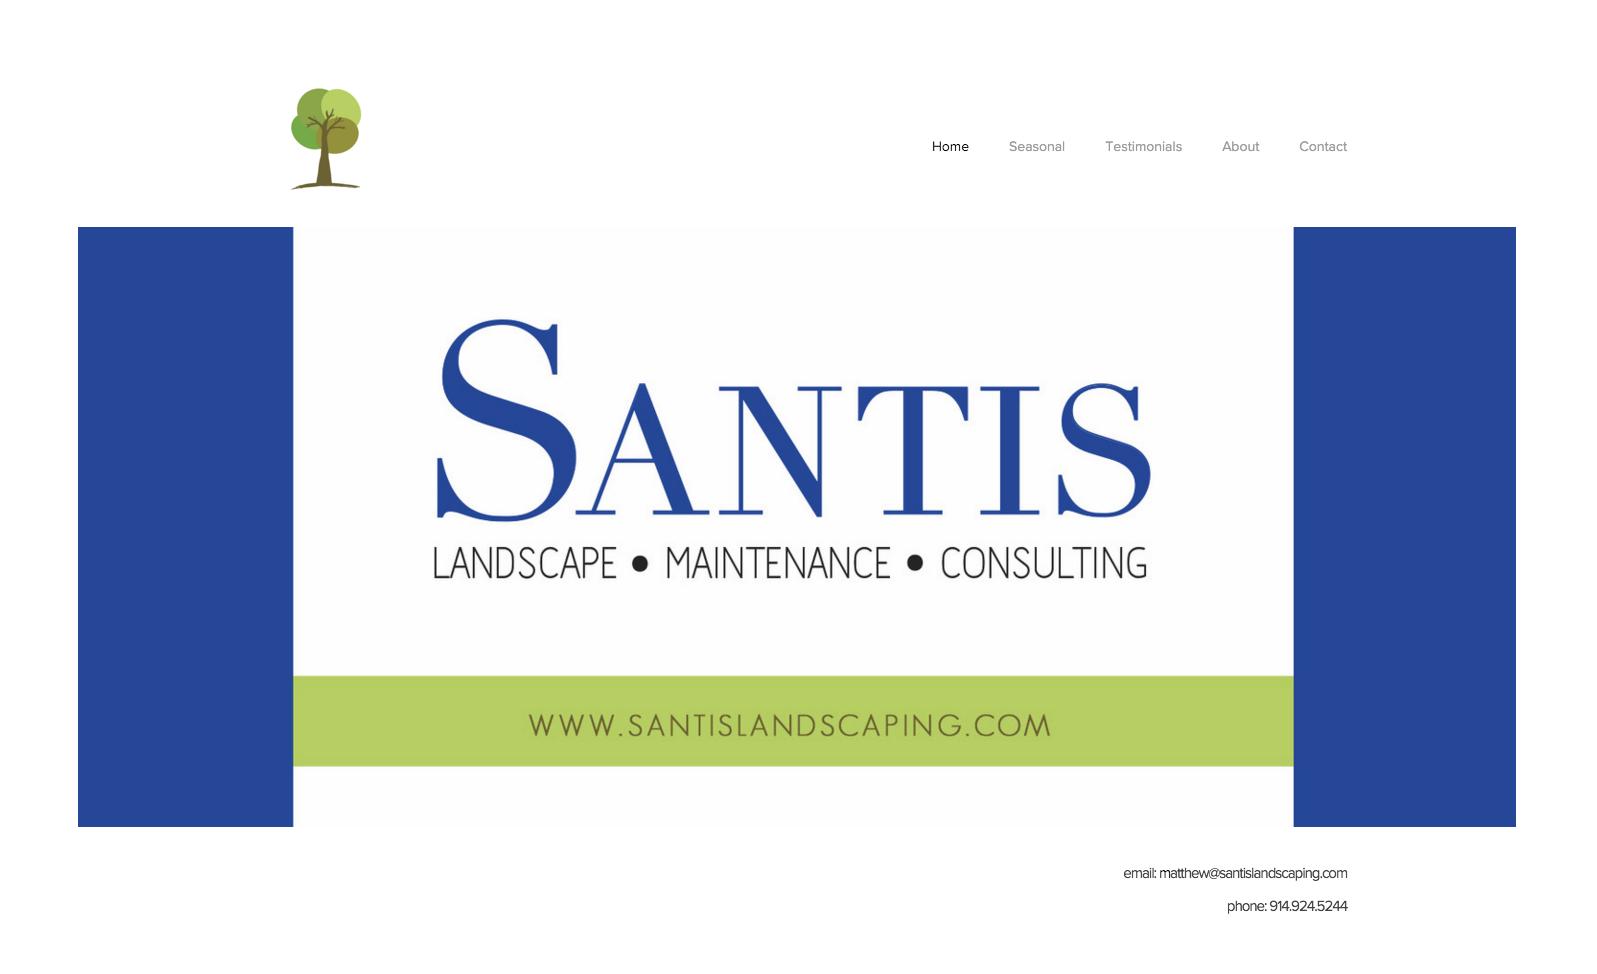 santis_website_dkol_commercial.jpg